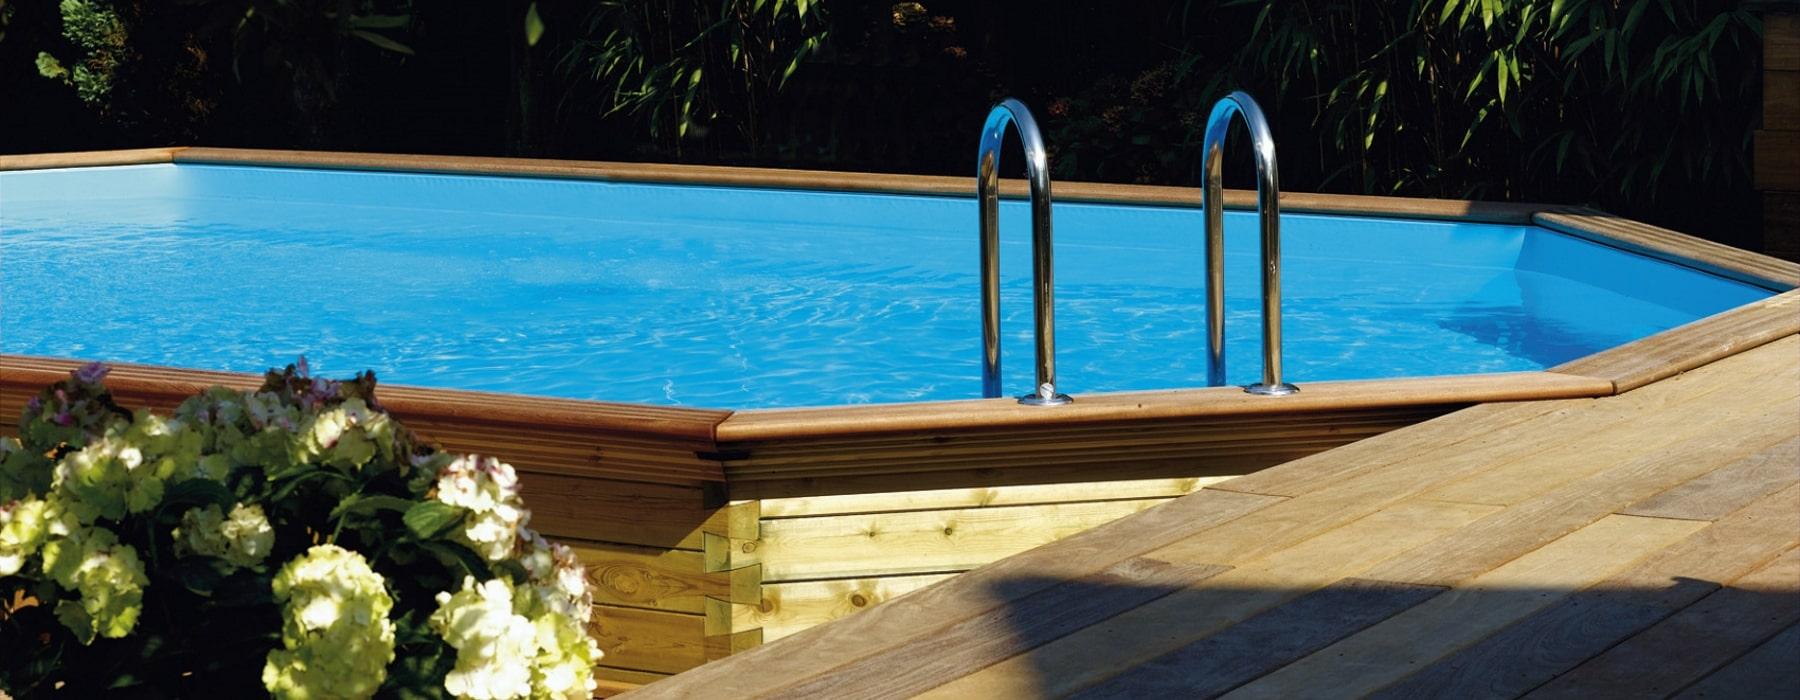 Pergolati In Legno Senza Permessi piscina senza permesso in toscana? la tua piscina senza